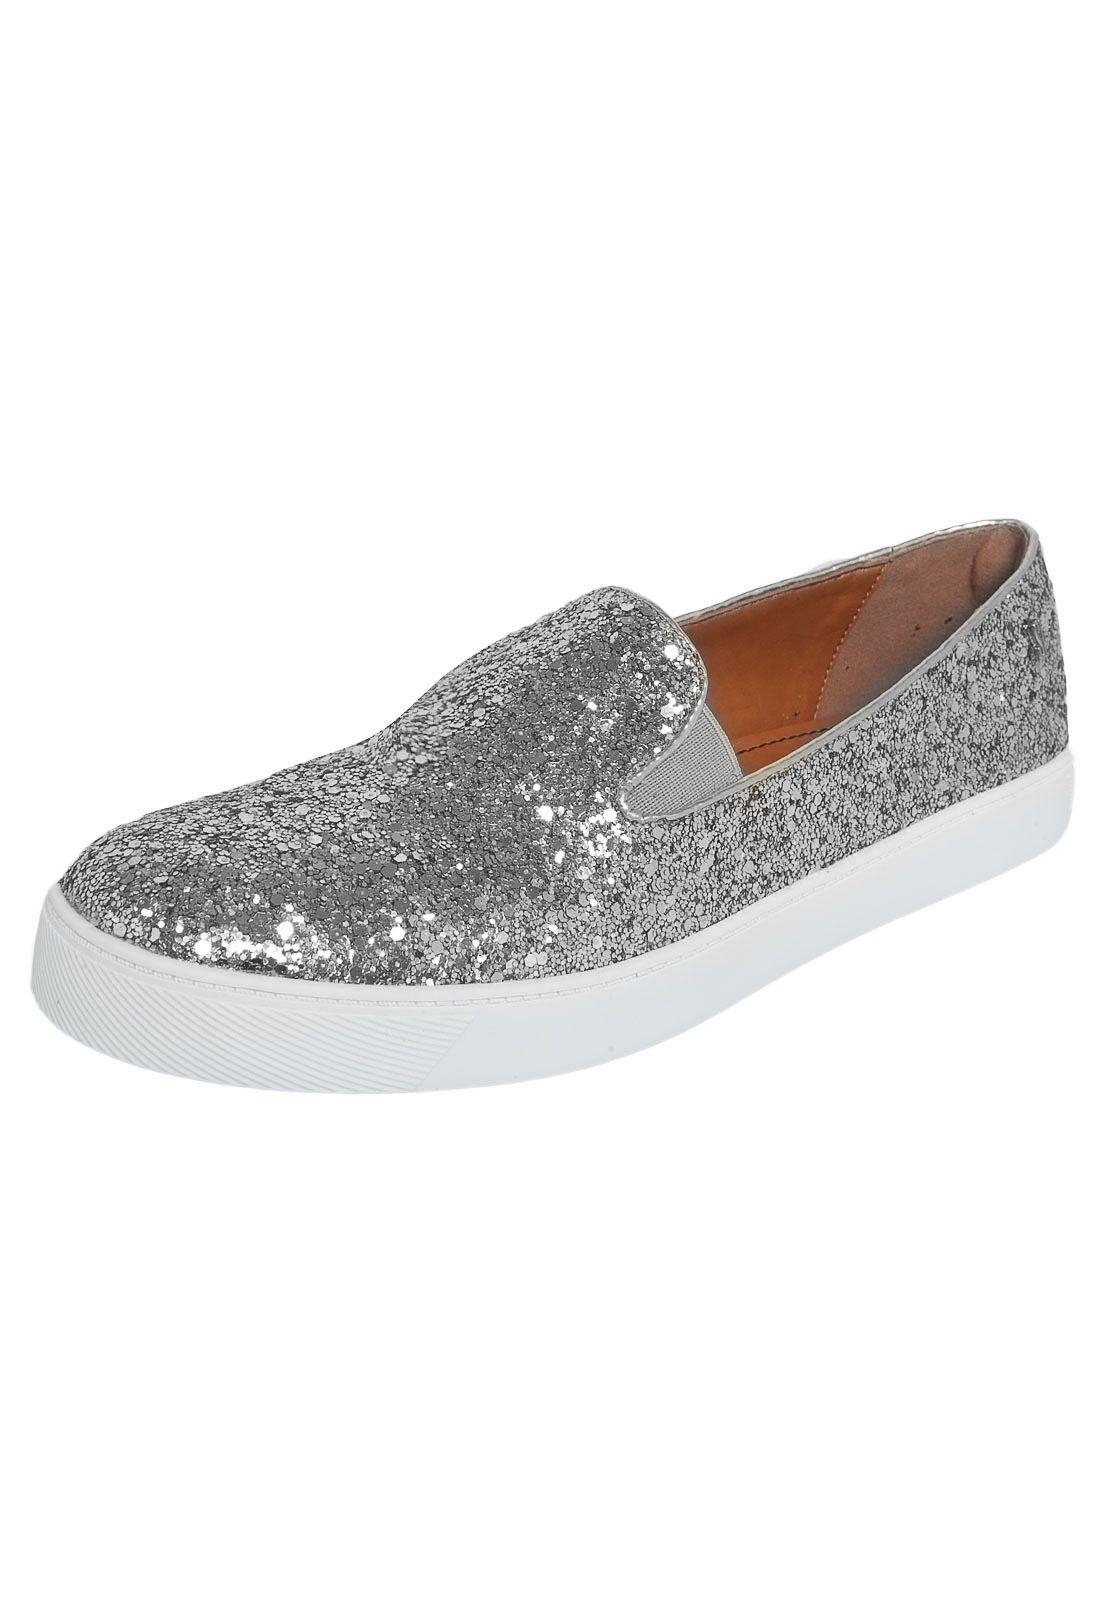 Zebra Shoes S.L. Slip On, color, talla 42